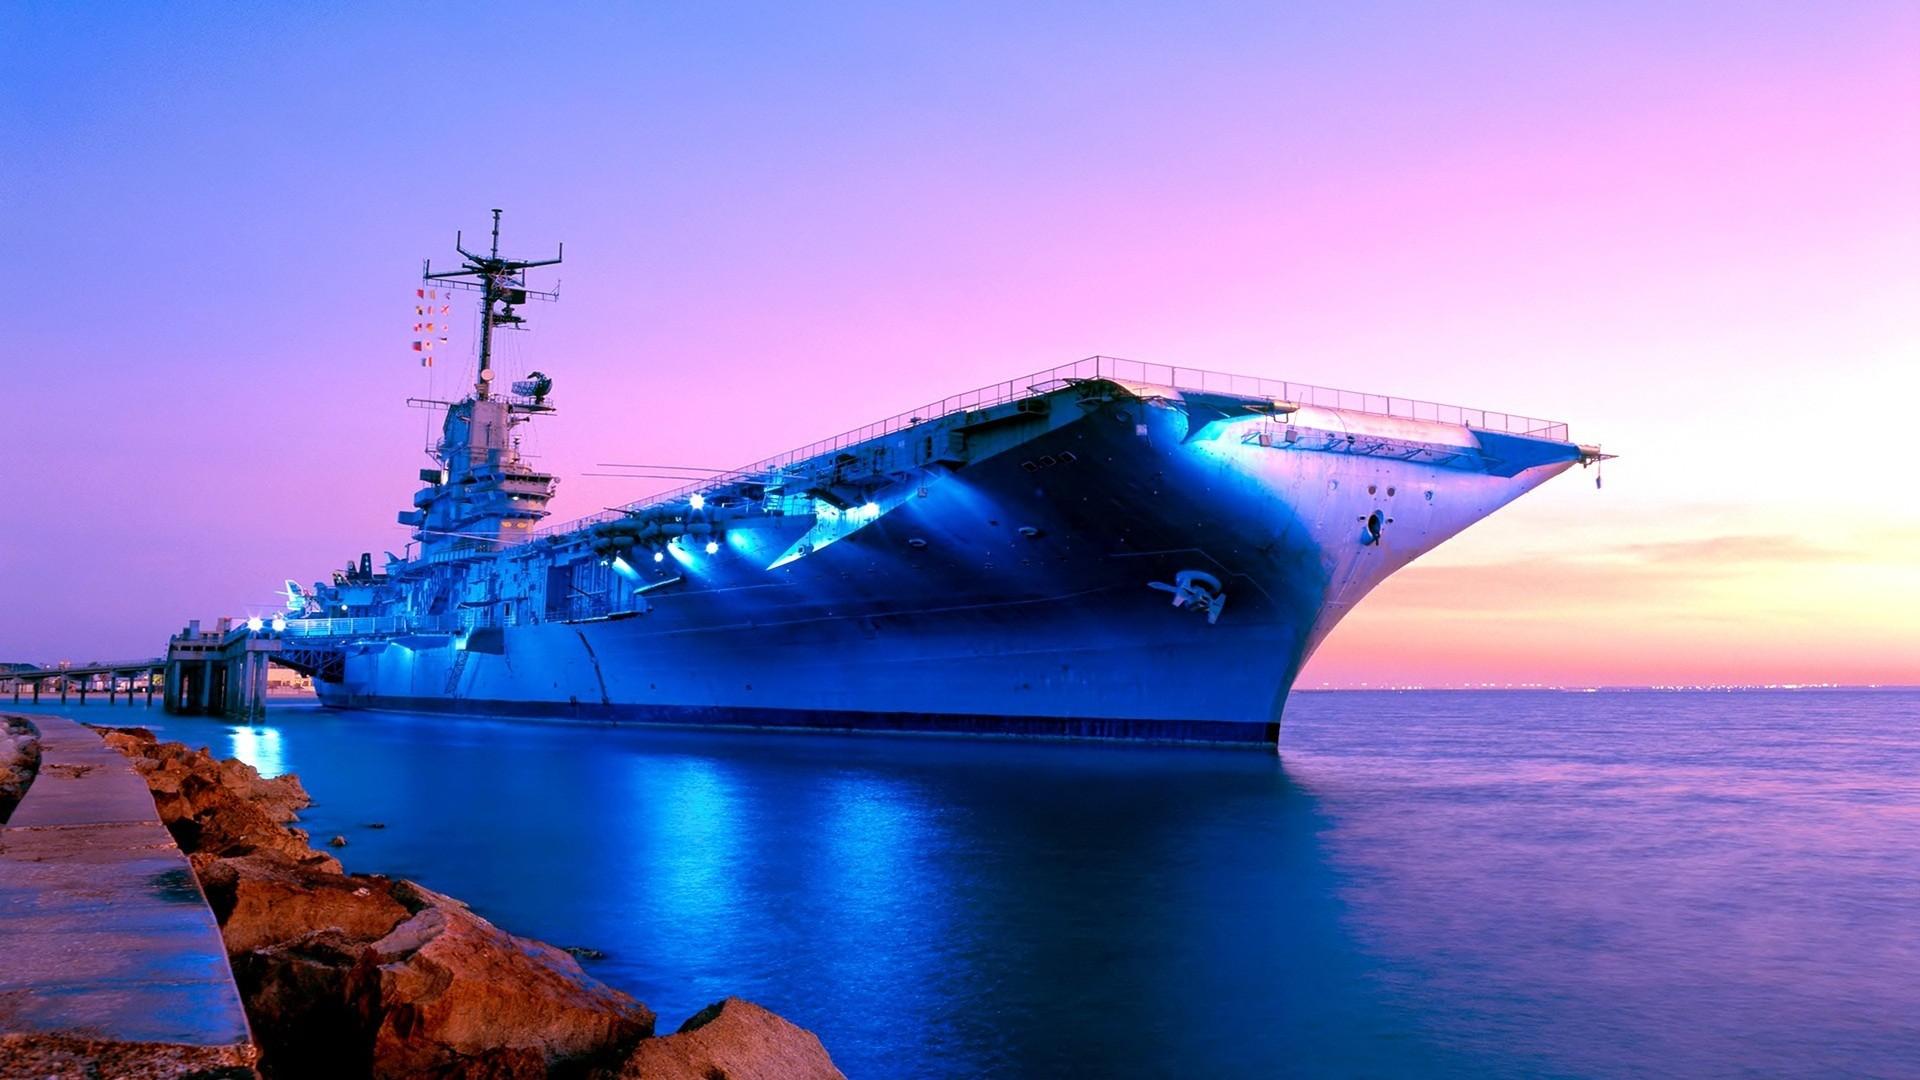 Navy Ship Wallpaper ①